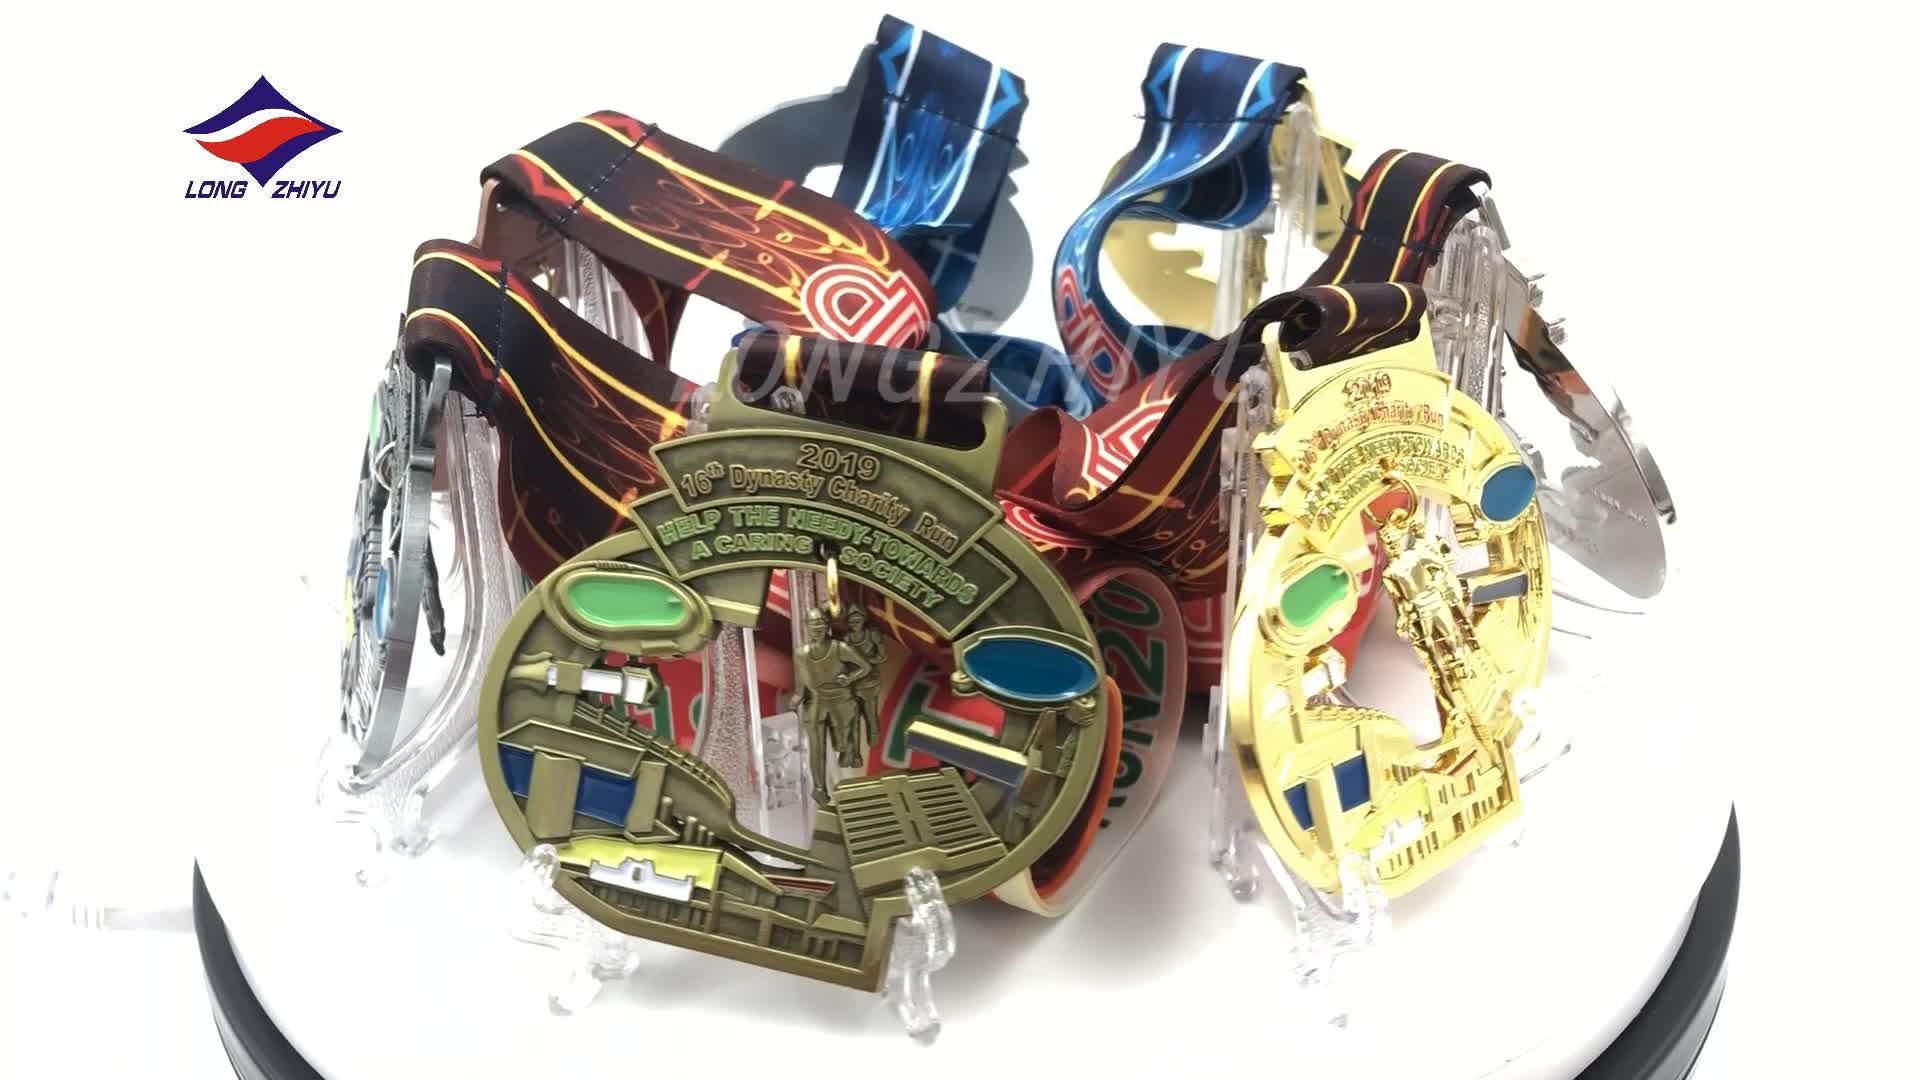 Longzhiyu 12 anos fabricante personalizado de metal medalhas de esmalte dos desenhos animados para crianças logotipo personalizado comemorativo medalhas medalhas do esporte de corrida